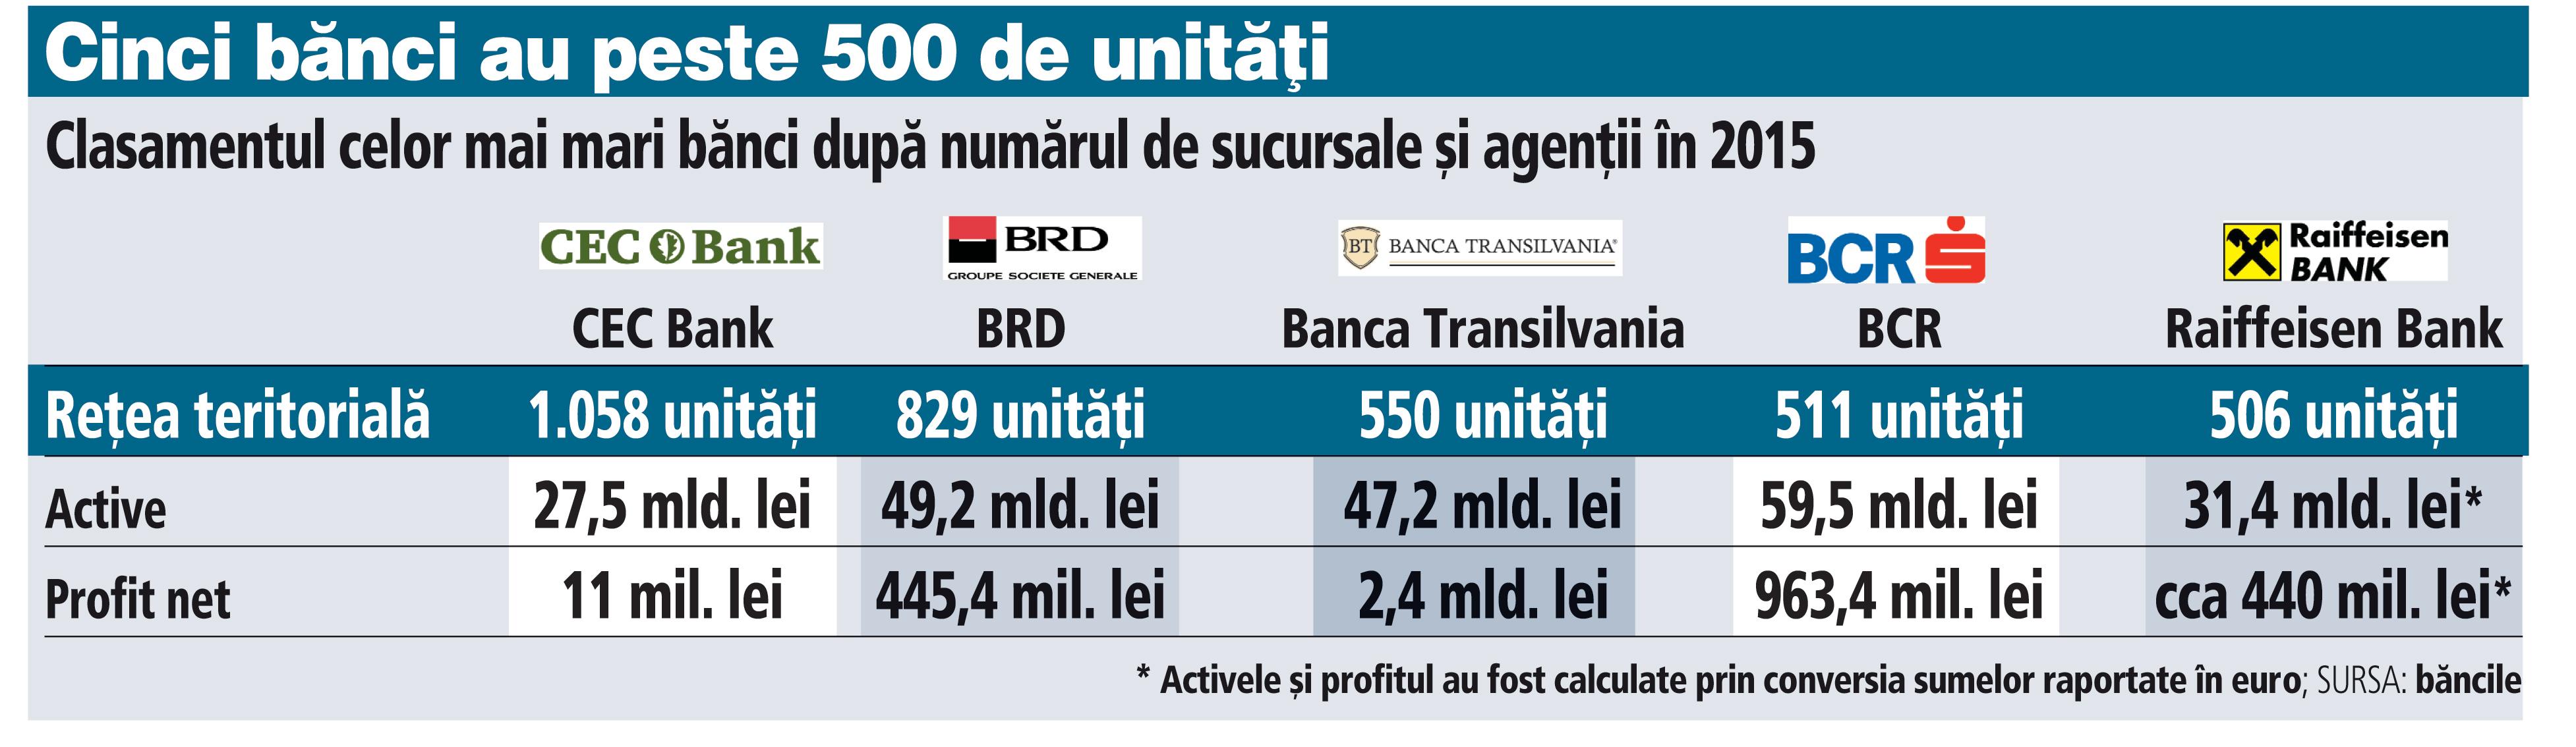 Topul băncilor din România cu cele mai mari reţele teritoriale, de peste 500 de unităţi